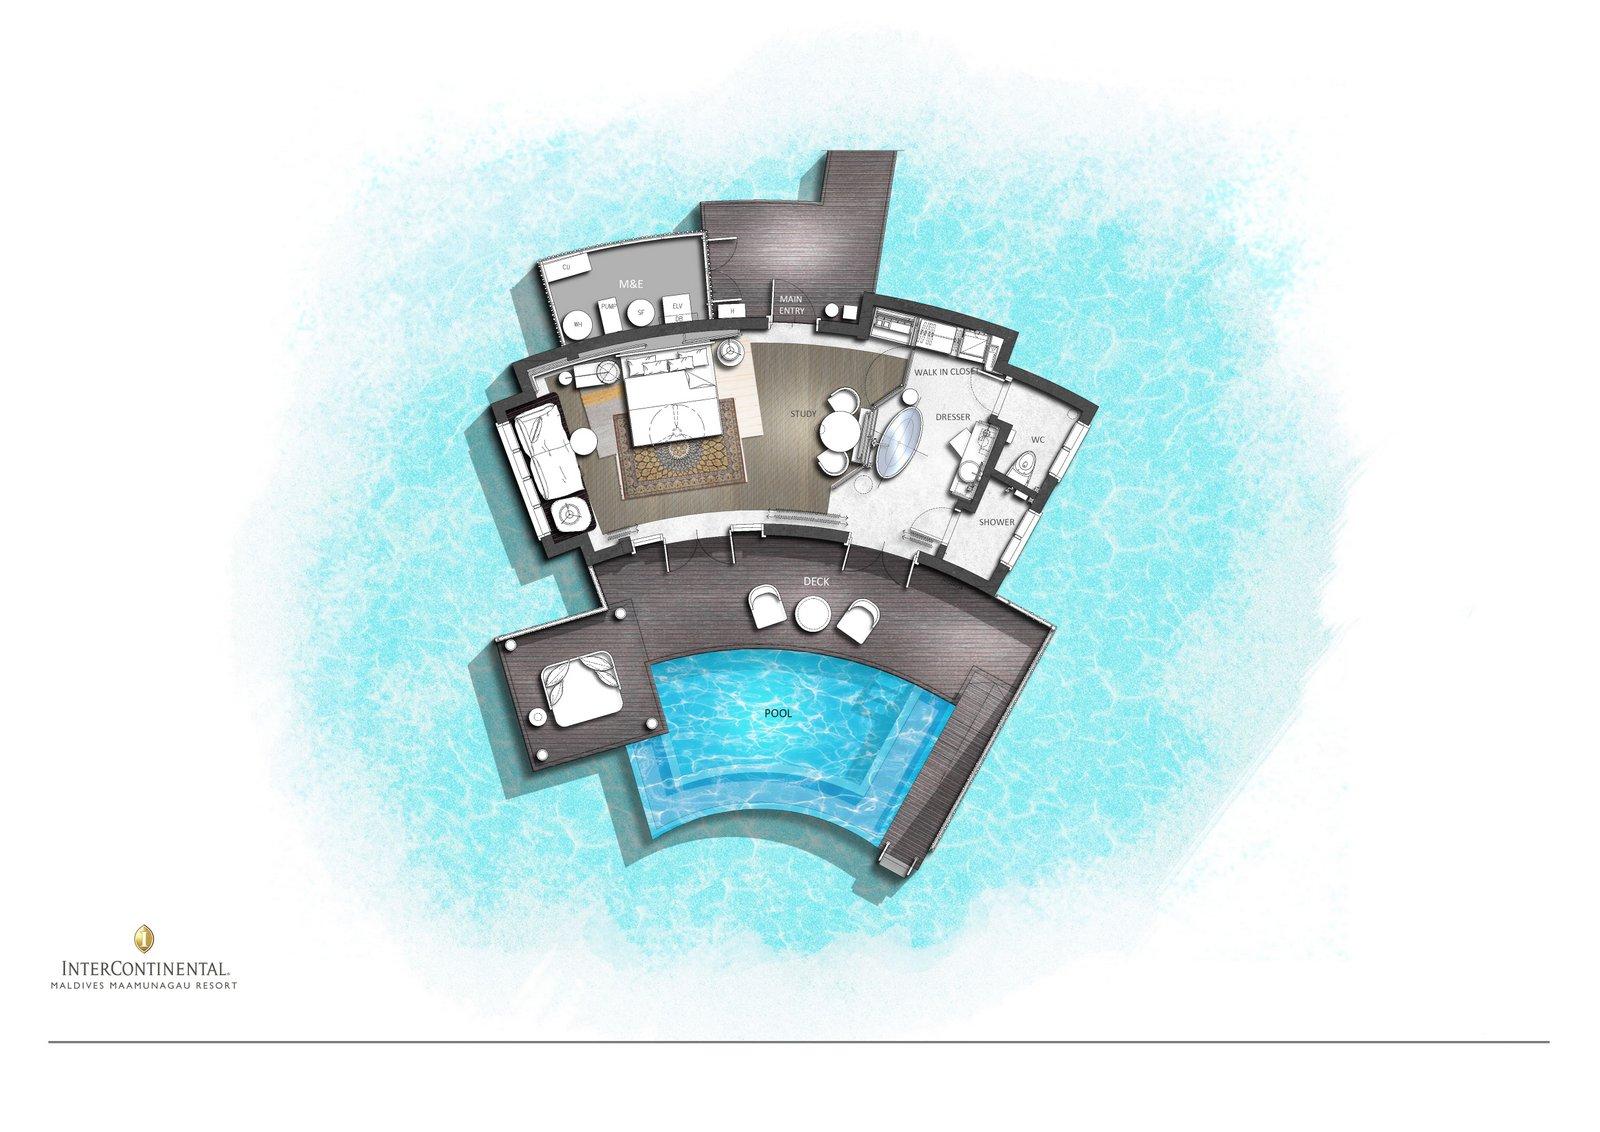 Мальдивы, отель Intercontinental Maldives Maamunagau, план-схема номера Overwater Villa with Pool